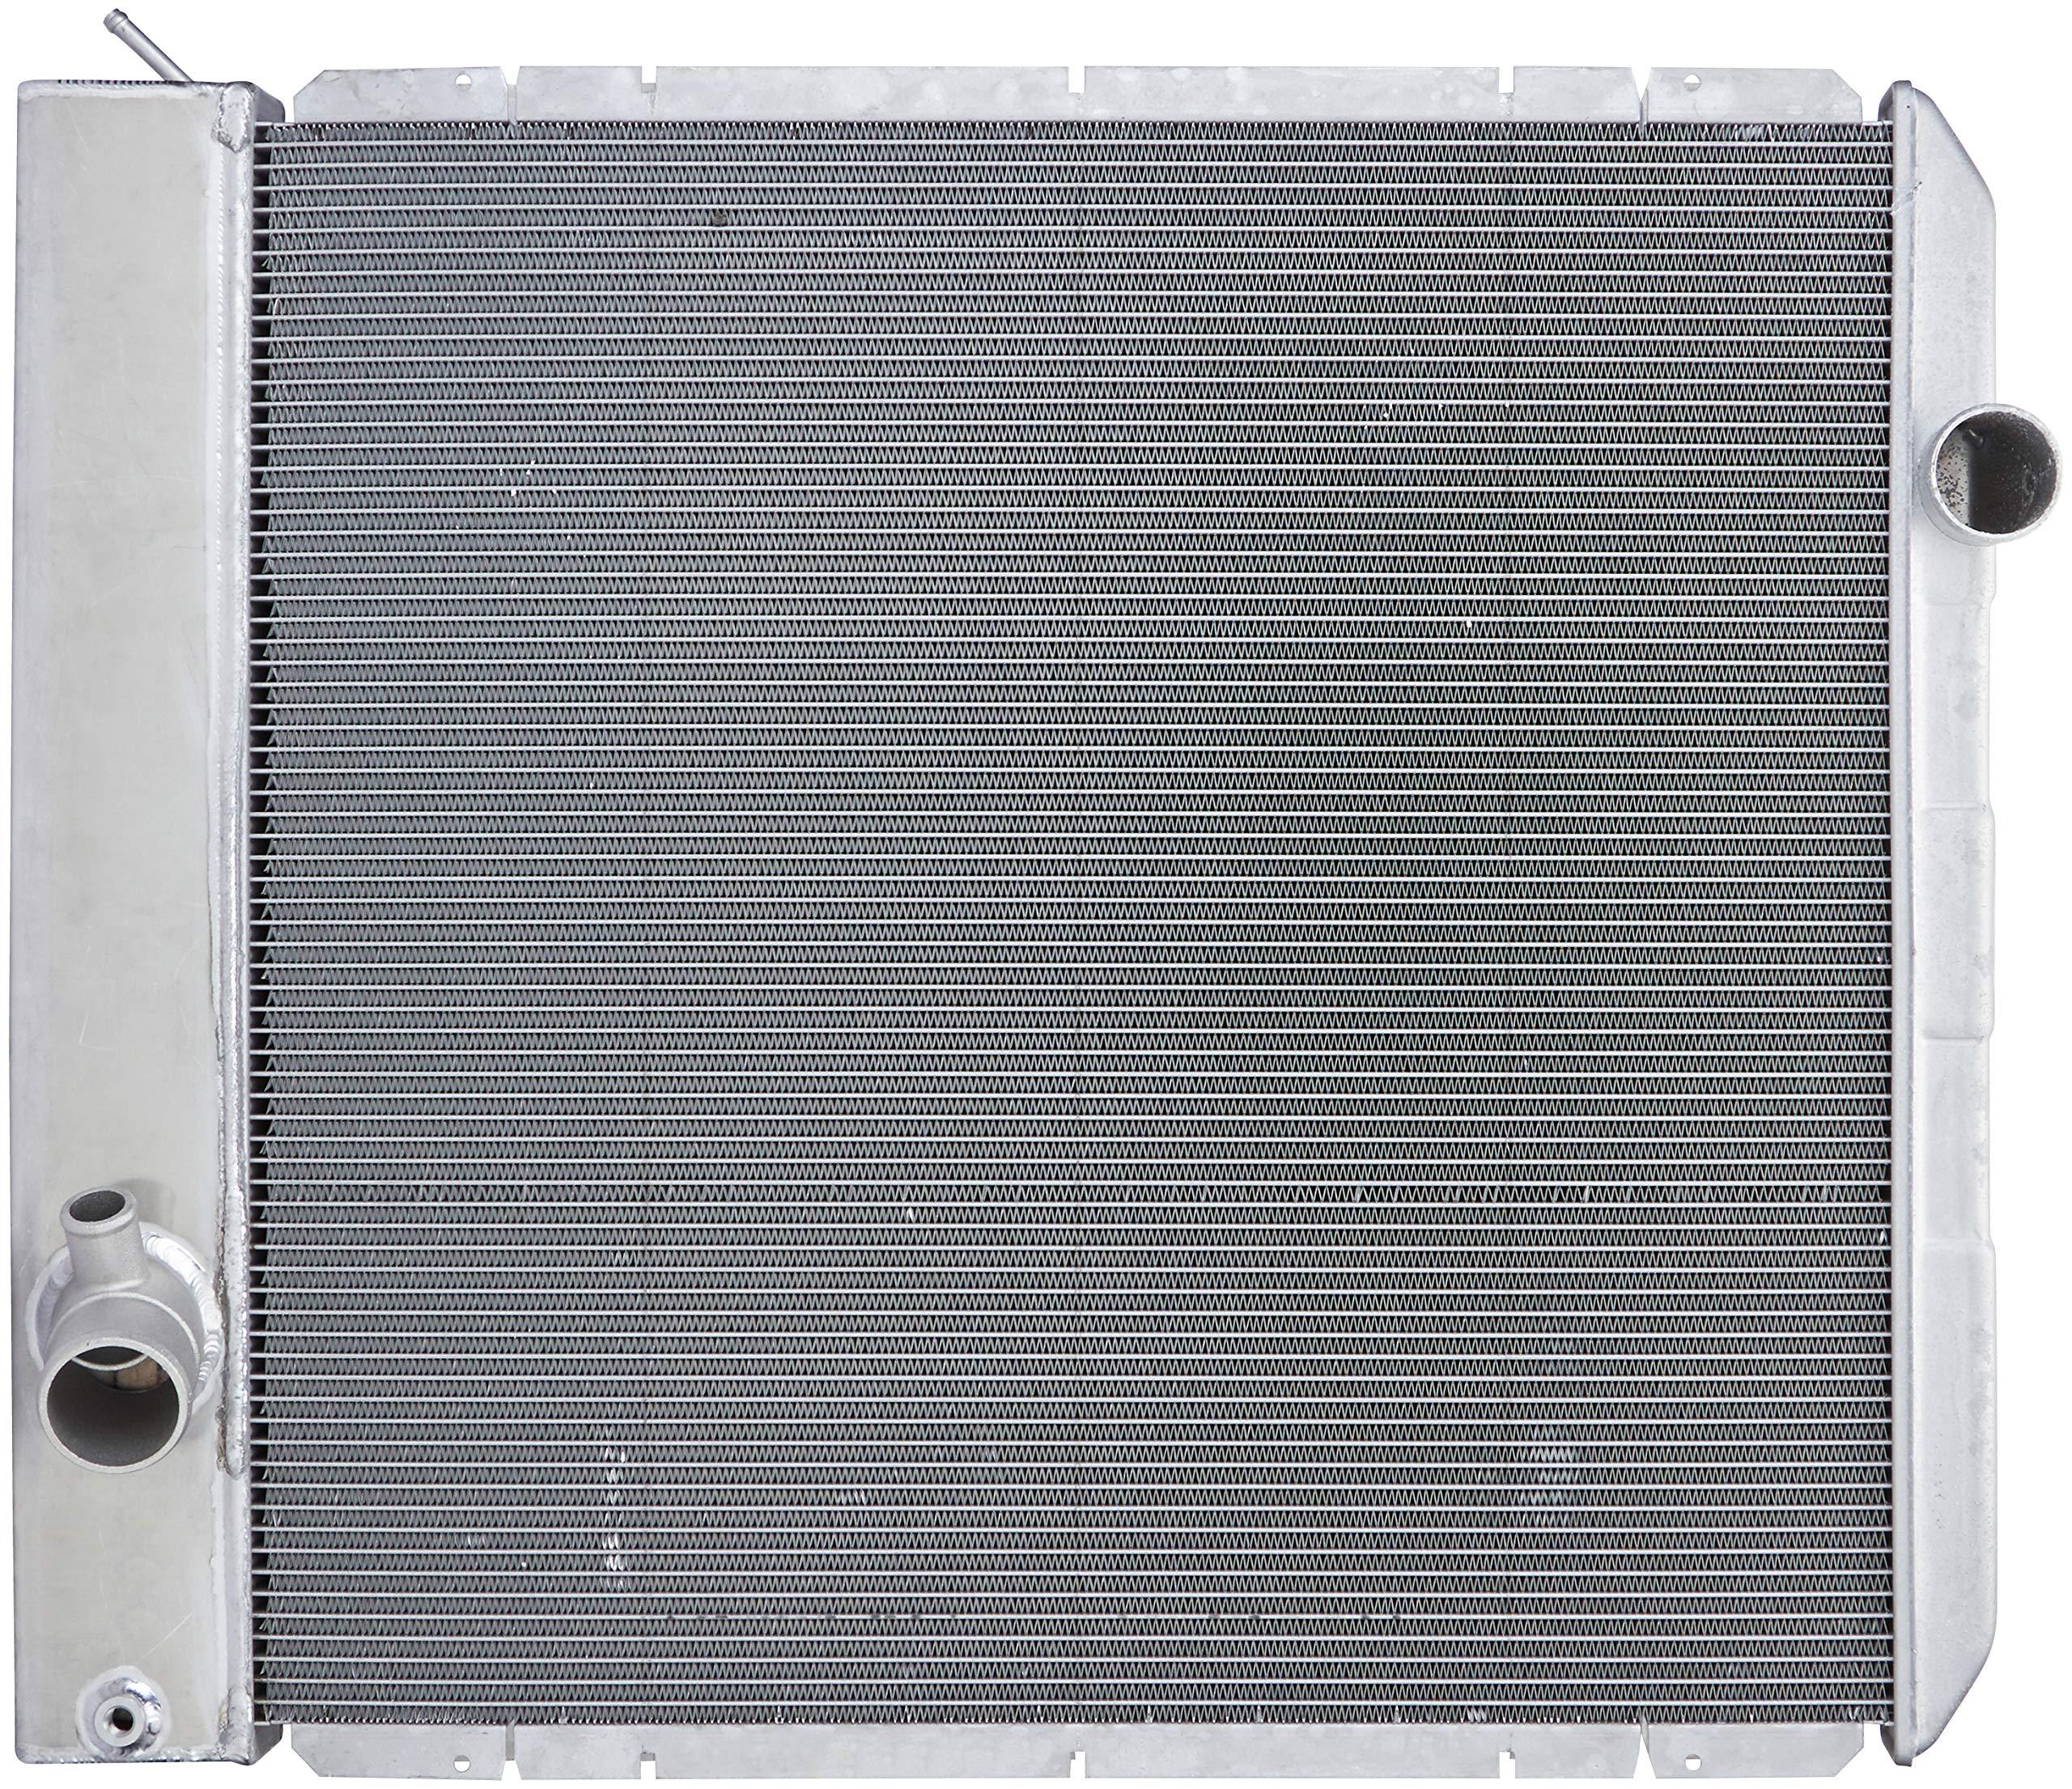 Spectra Premium 2001-3551 Industrial Complete Radiator